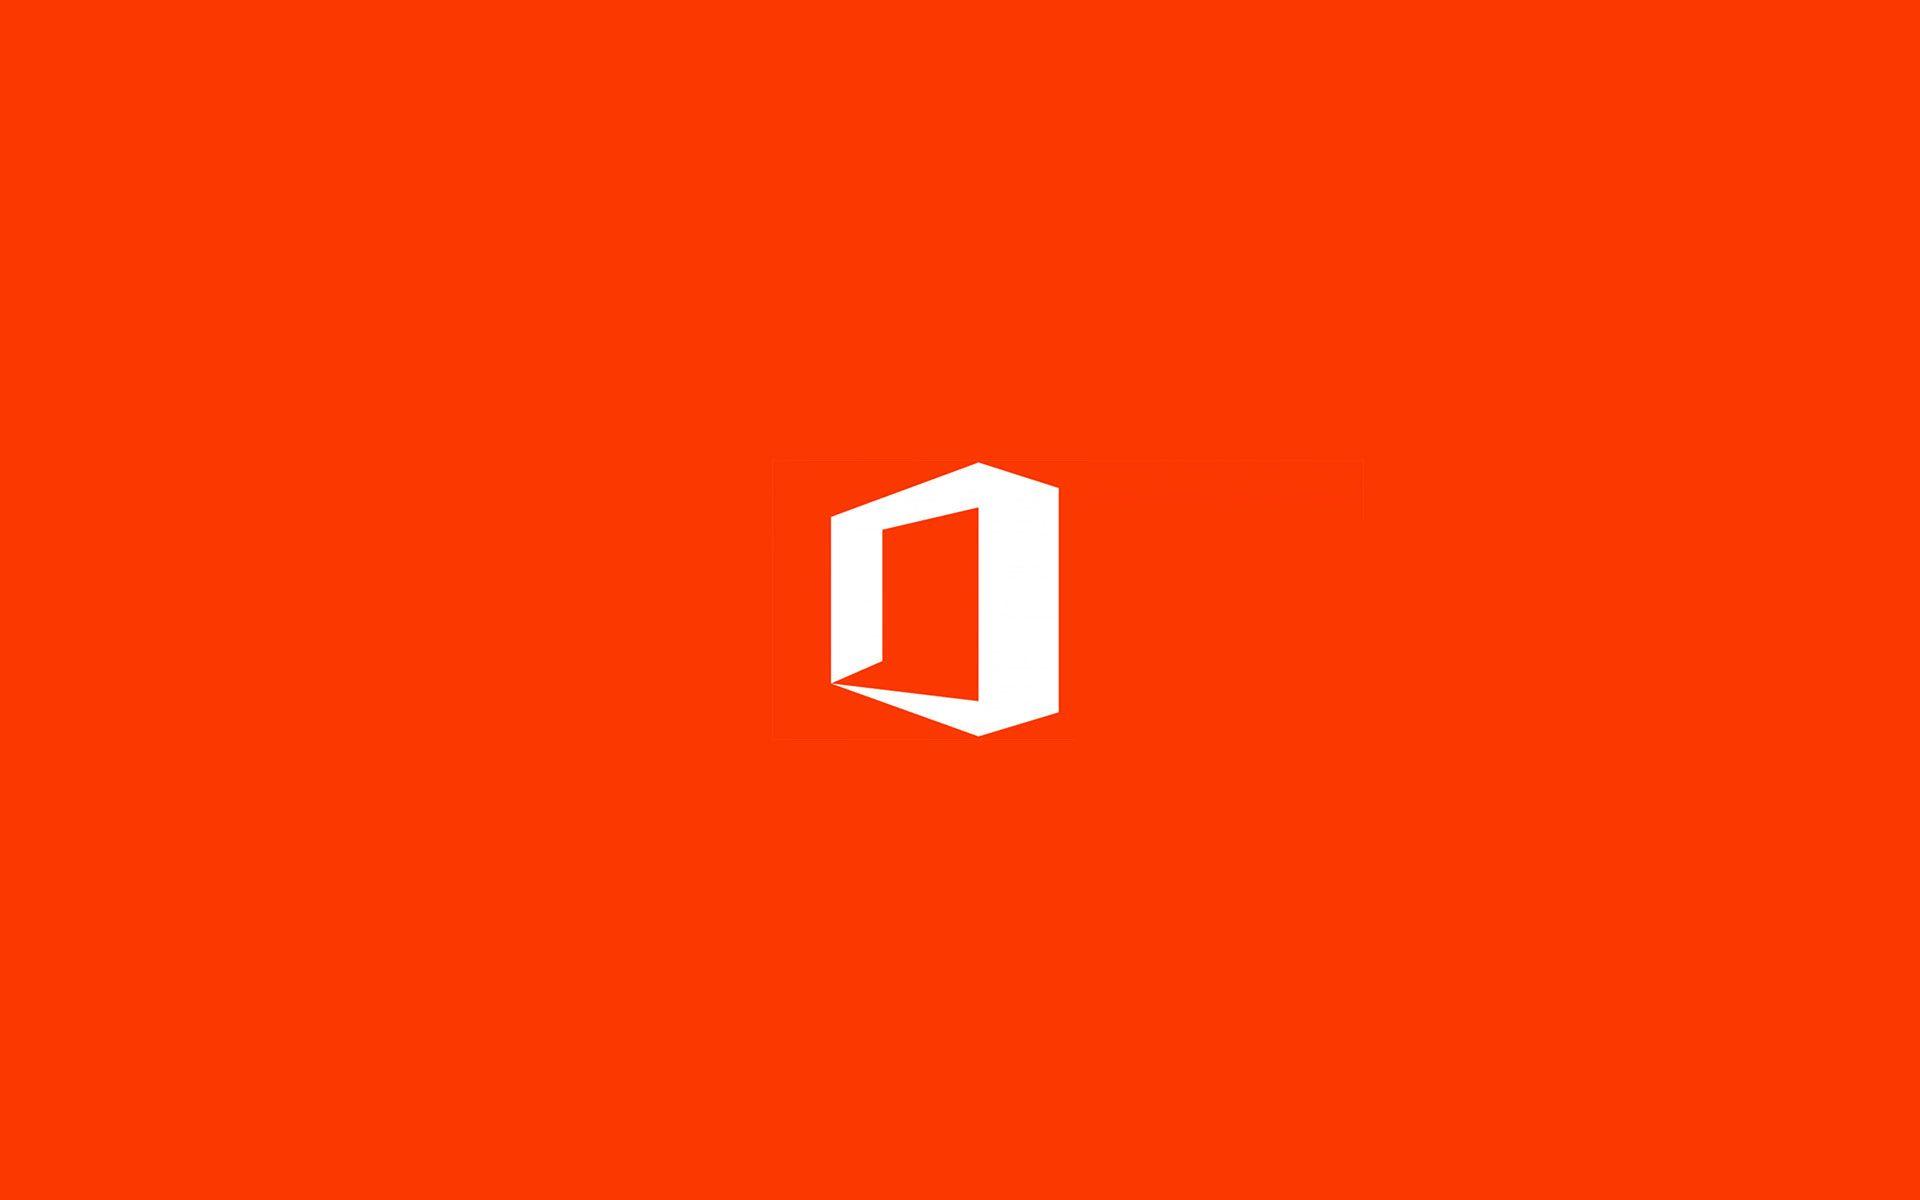 staygolden, microsoft, office, gestaltung, office vorlagen, design, corporate design, templates, wir lieben office, düsseldorf, bremen